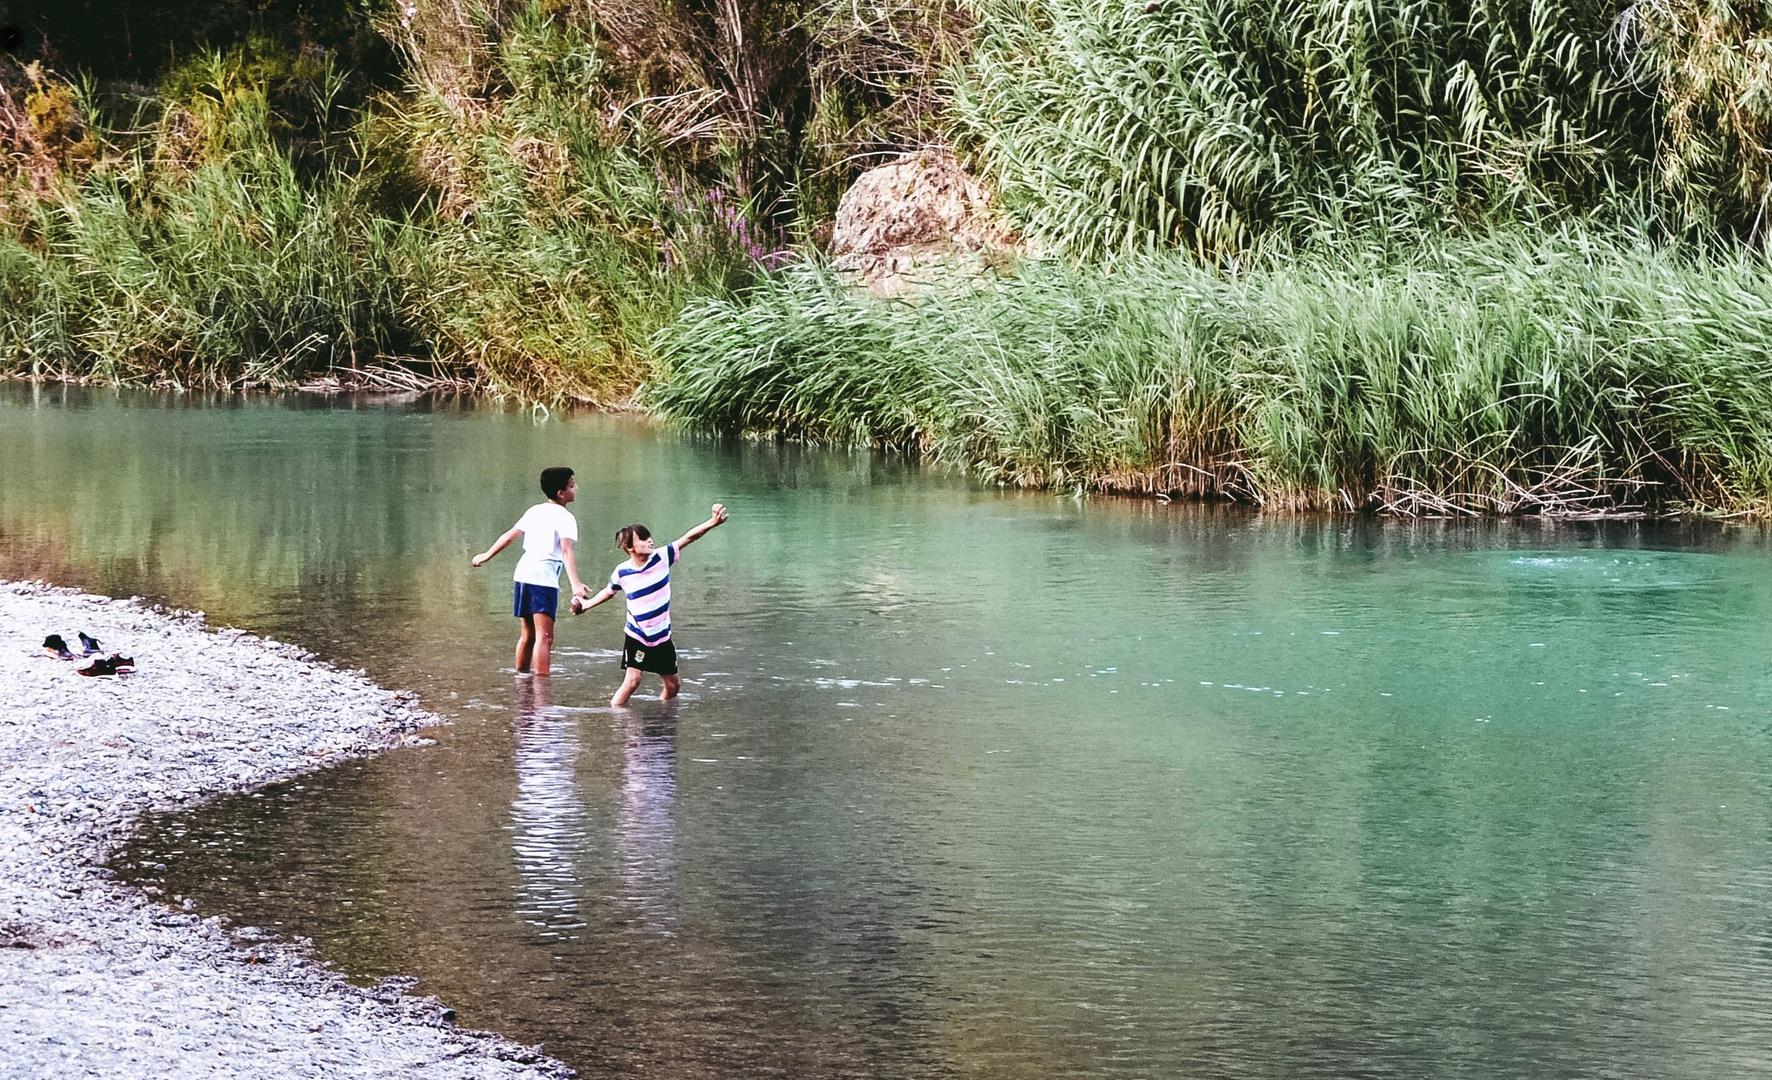 Cuando lanzar piedras al río era un juego - When throwing stones to the river was a game